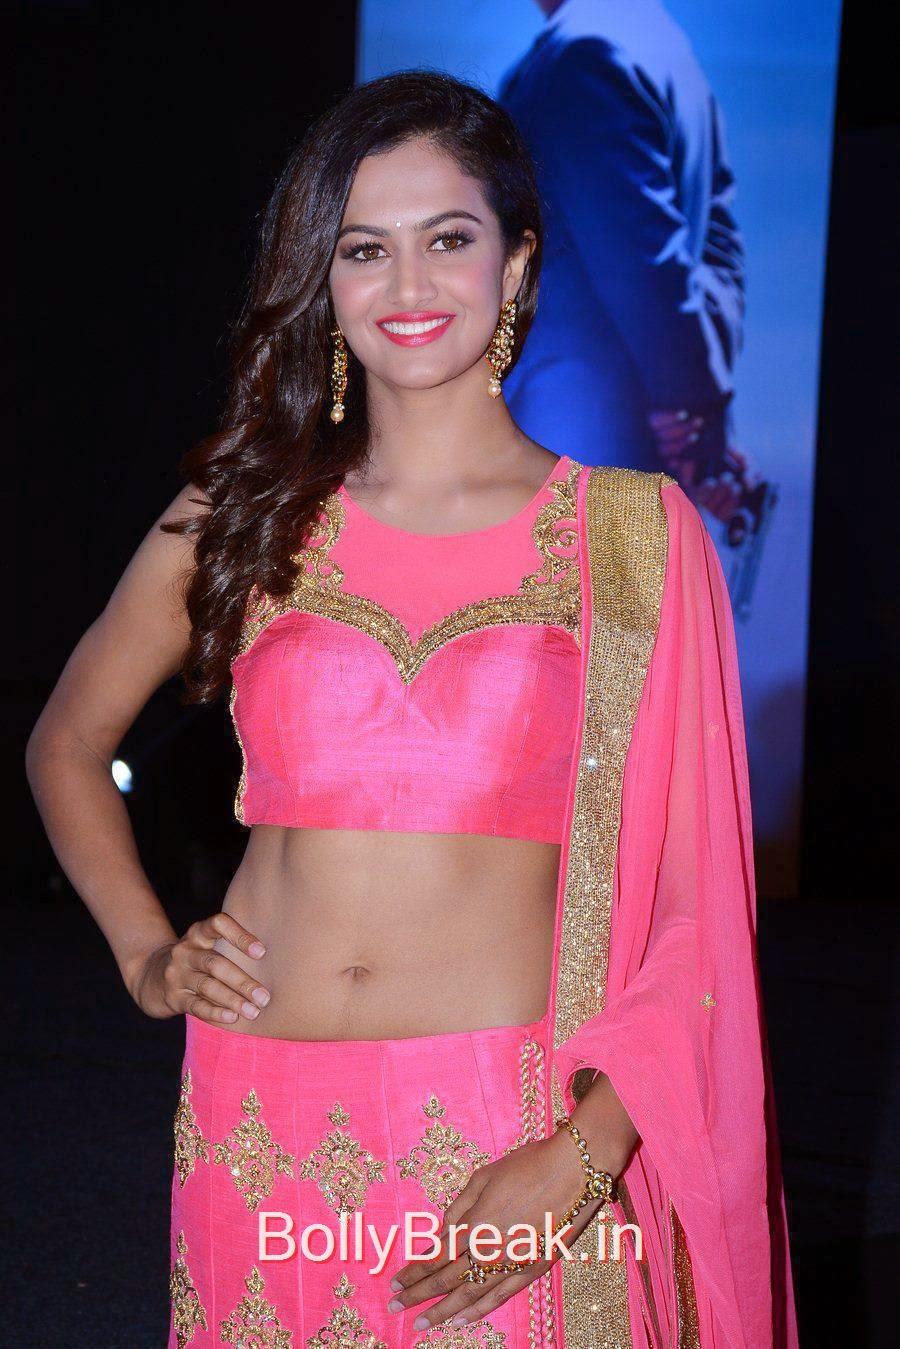 Shubra Aiyappa Pics in Pink Lehenga, Shubra Aiyappa Latest Hot Pics In Pink Lehenga from Sagaptham Movie Audio Launch